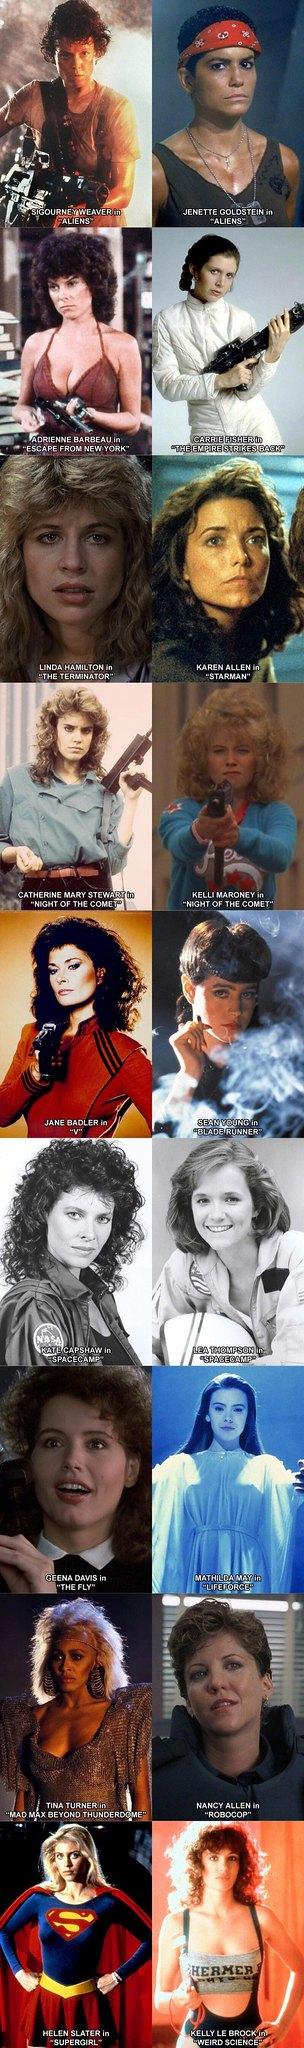 1980s Sci-Fi Crushes